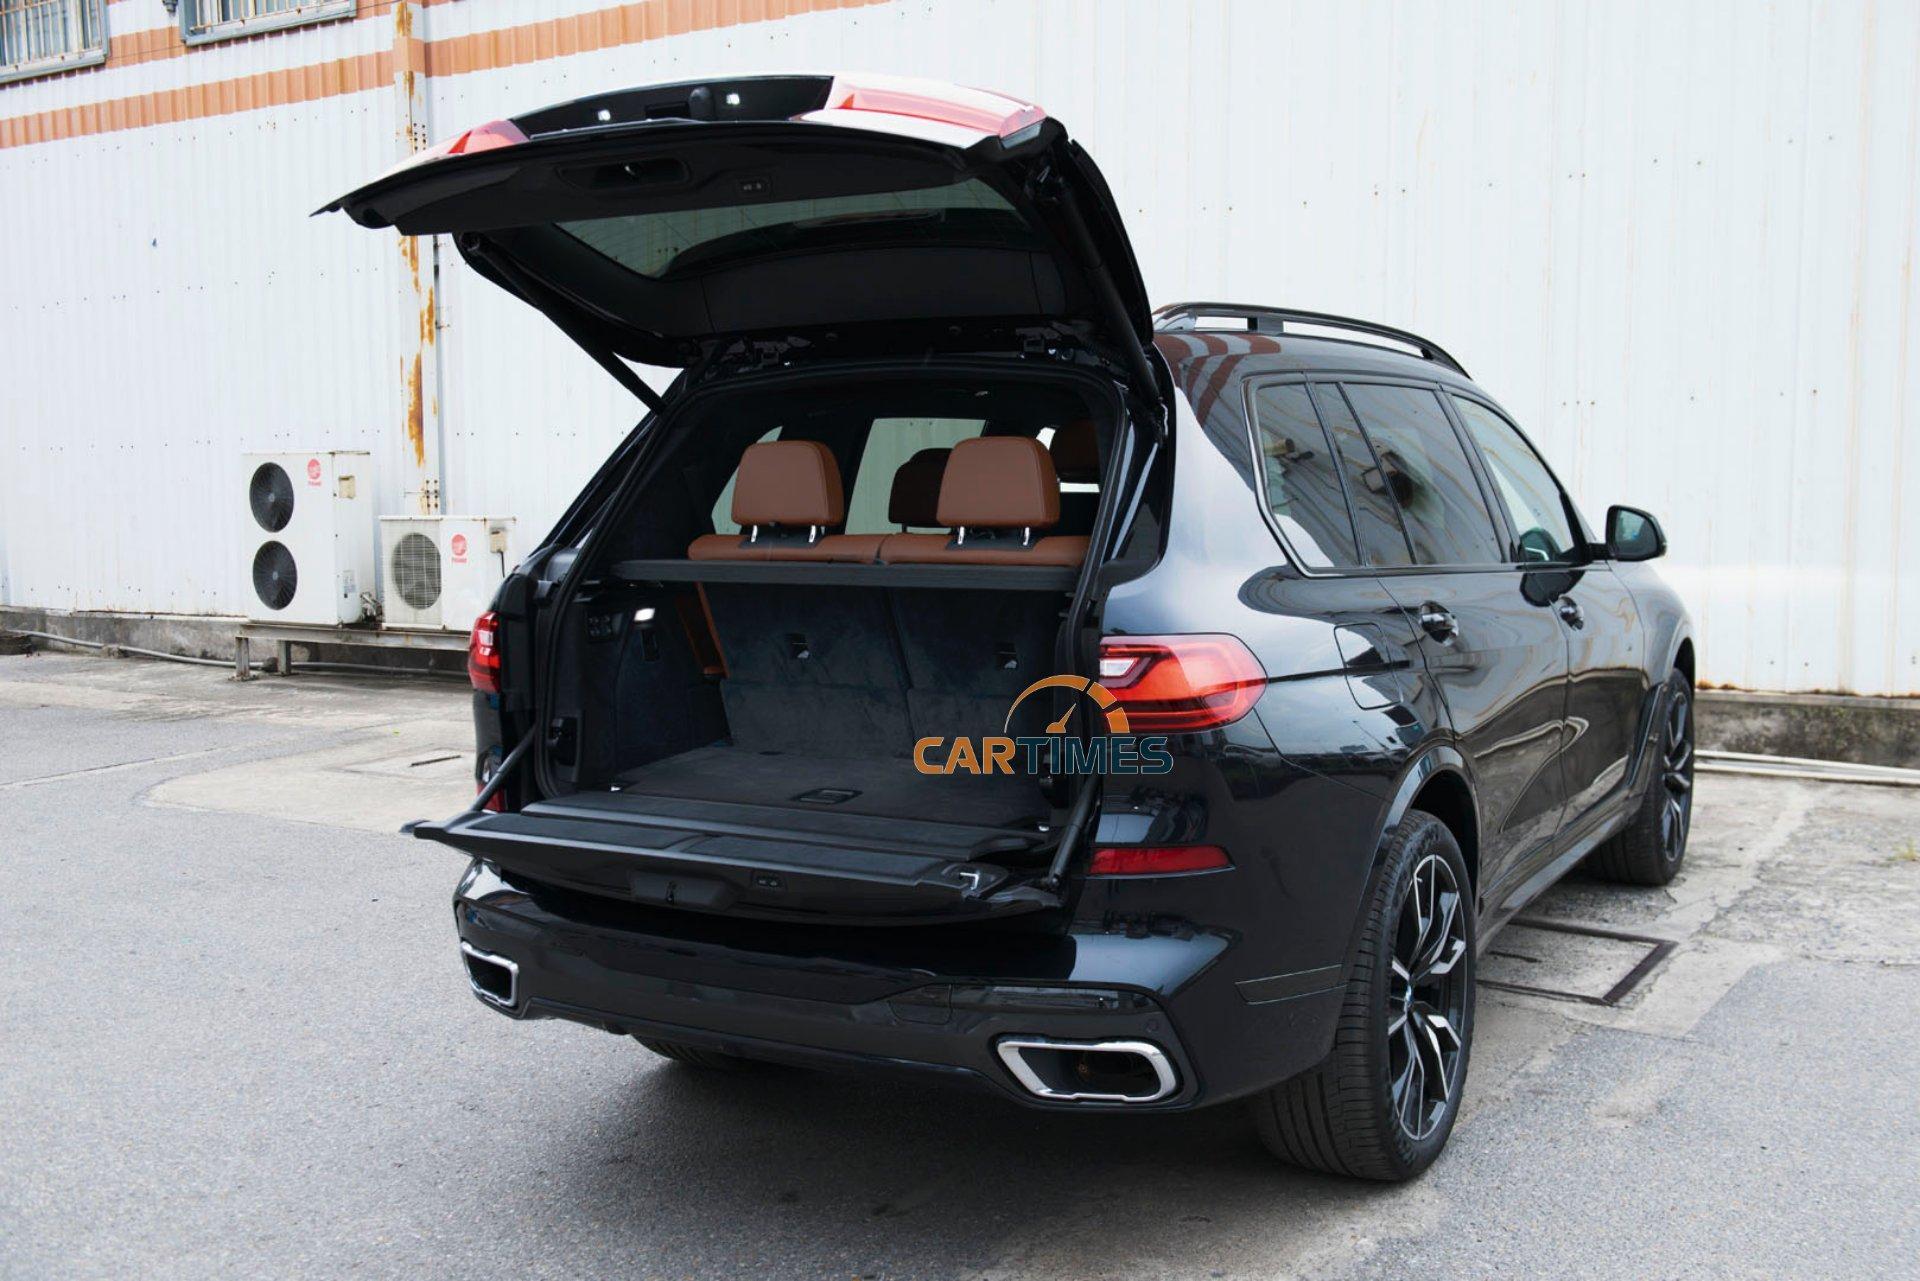 Giá hơn 7 tỷ đồng, BMW X7 thứ 2 về Việt Nam có những trang bị gì? Ảnh 23